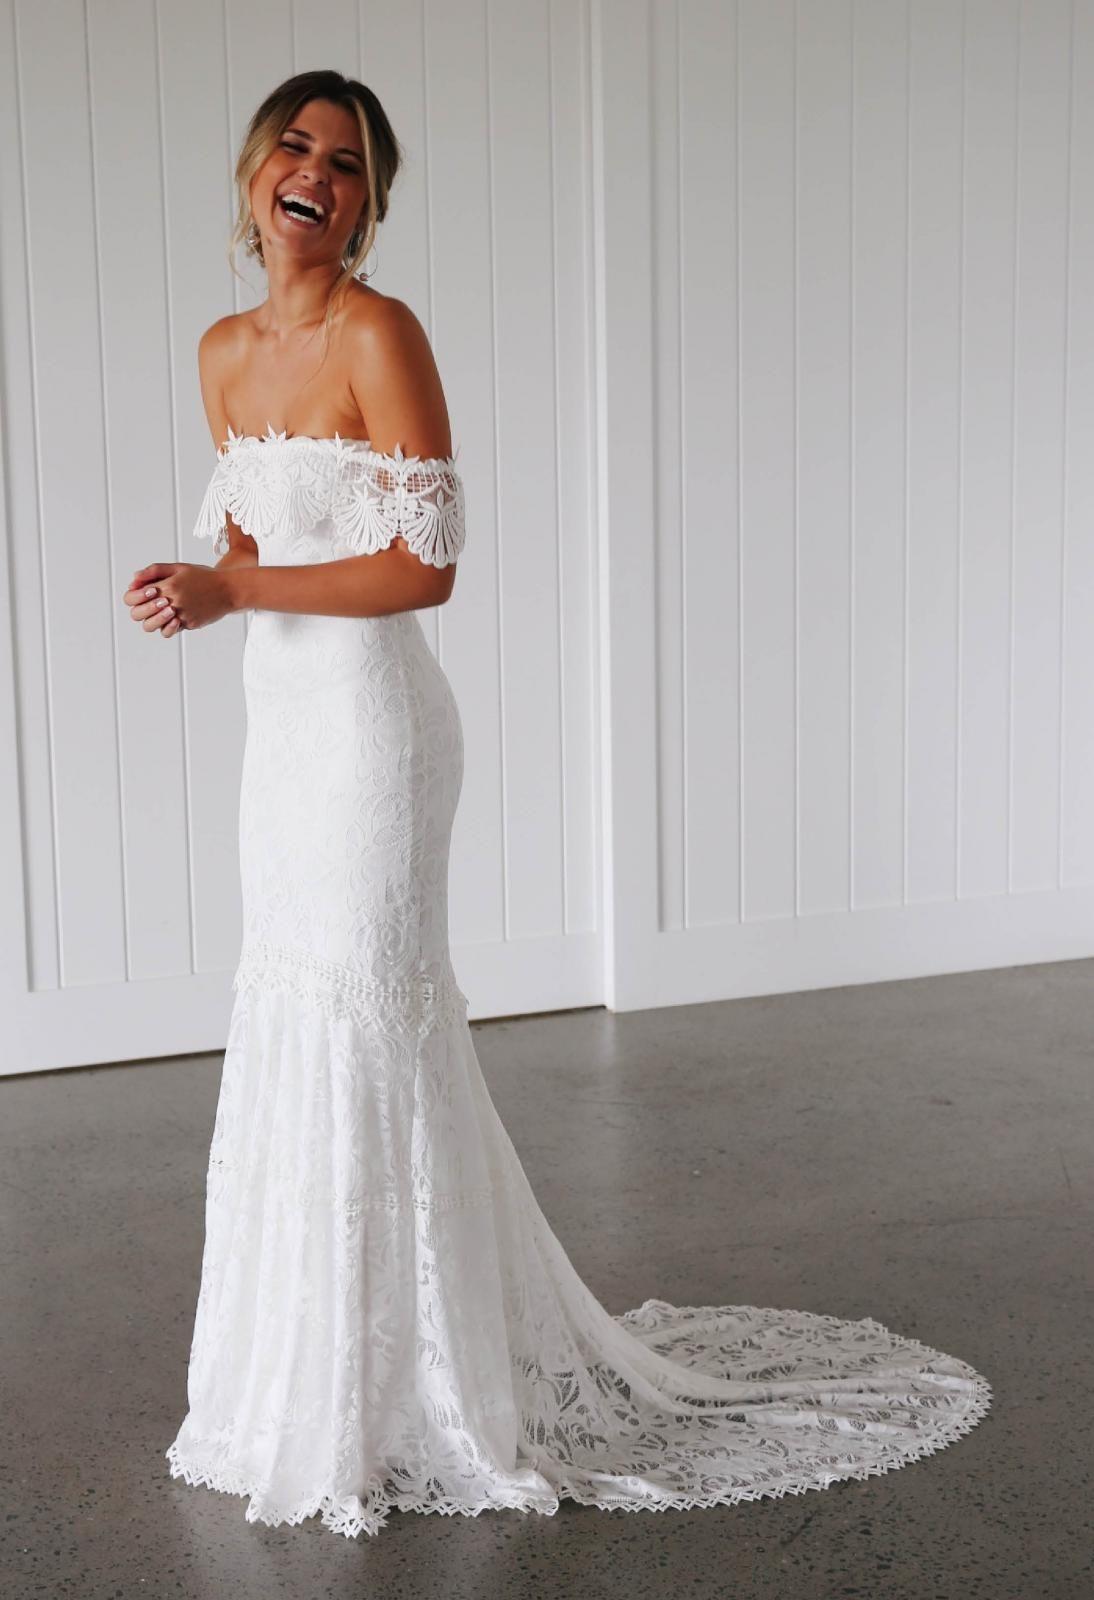 Cien Gown Lace Wedding Dress Grace Loves Lace